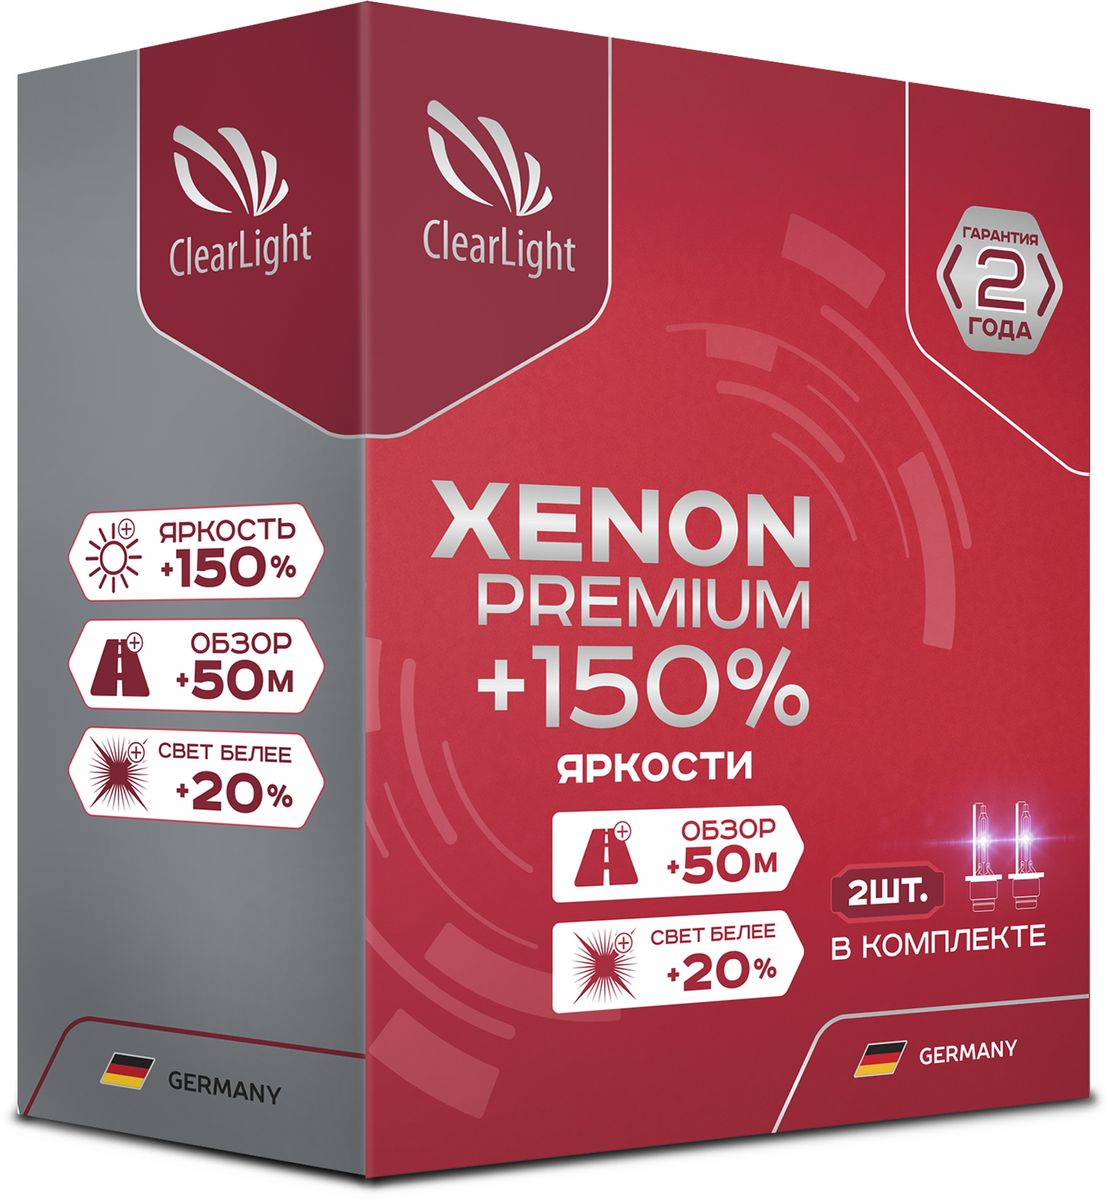 Лампа автомобильная ксеноновая Clearlight Xenon Premium+150%, цоколь H7, 5000 К, 35 Вт, 2 штPCL H70 150-2XP-2Лампы Xenon Premium+150% подойдут для самых взыскательных покупателей. Высокая яркость лампы достигнута за счет применения инновационных технологий, позволивших увеличить давление газов внутри колбы лампы. +150% яркости, обзор +50 метров, кристально белый свет. Гарантия 2 года.